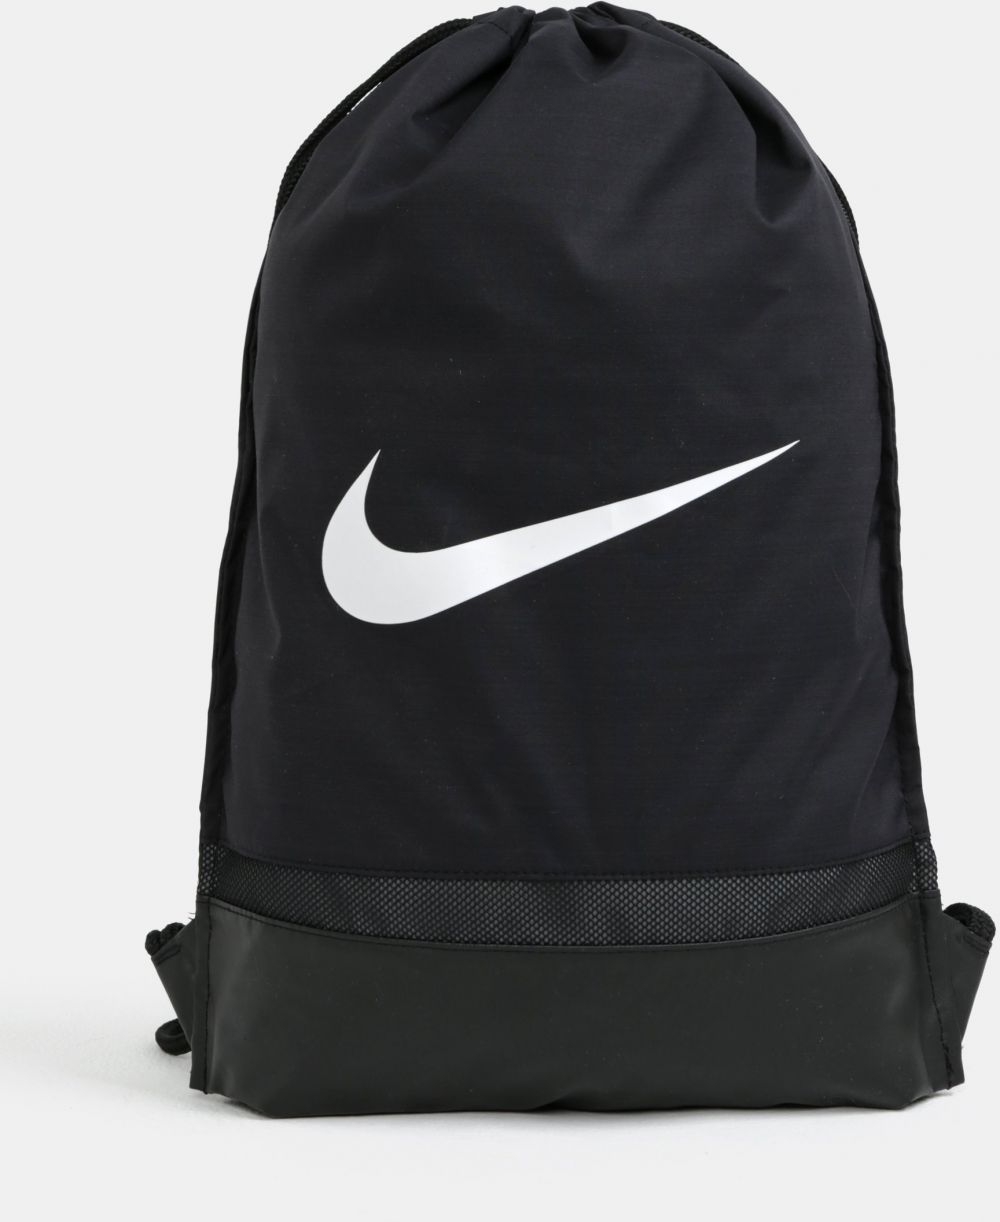 3801f16808 Čierny vodoodolný vak Nike Brasilia značky Nike - Lovely.sk